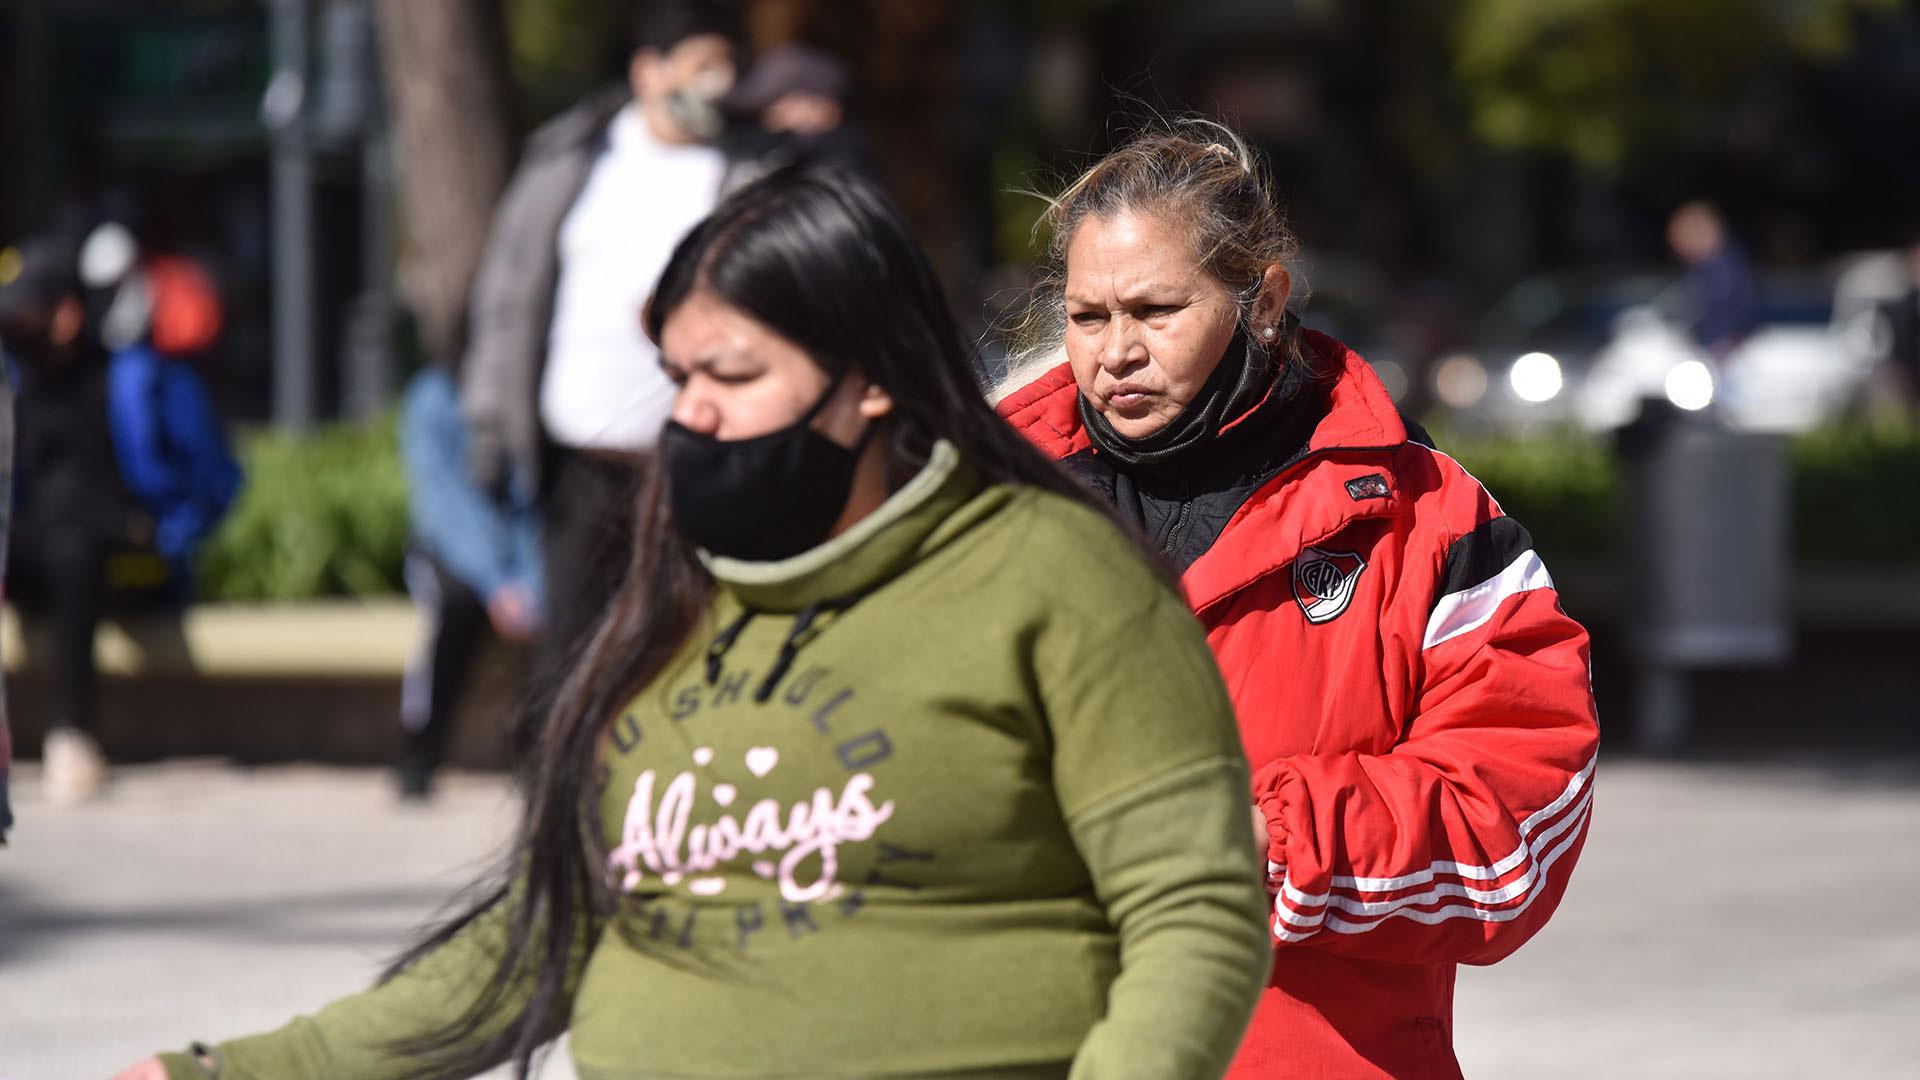 El incumplimiento del uso del tapabocas fue uno de los hechos que más se repitió entre los manifestantes